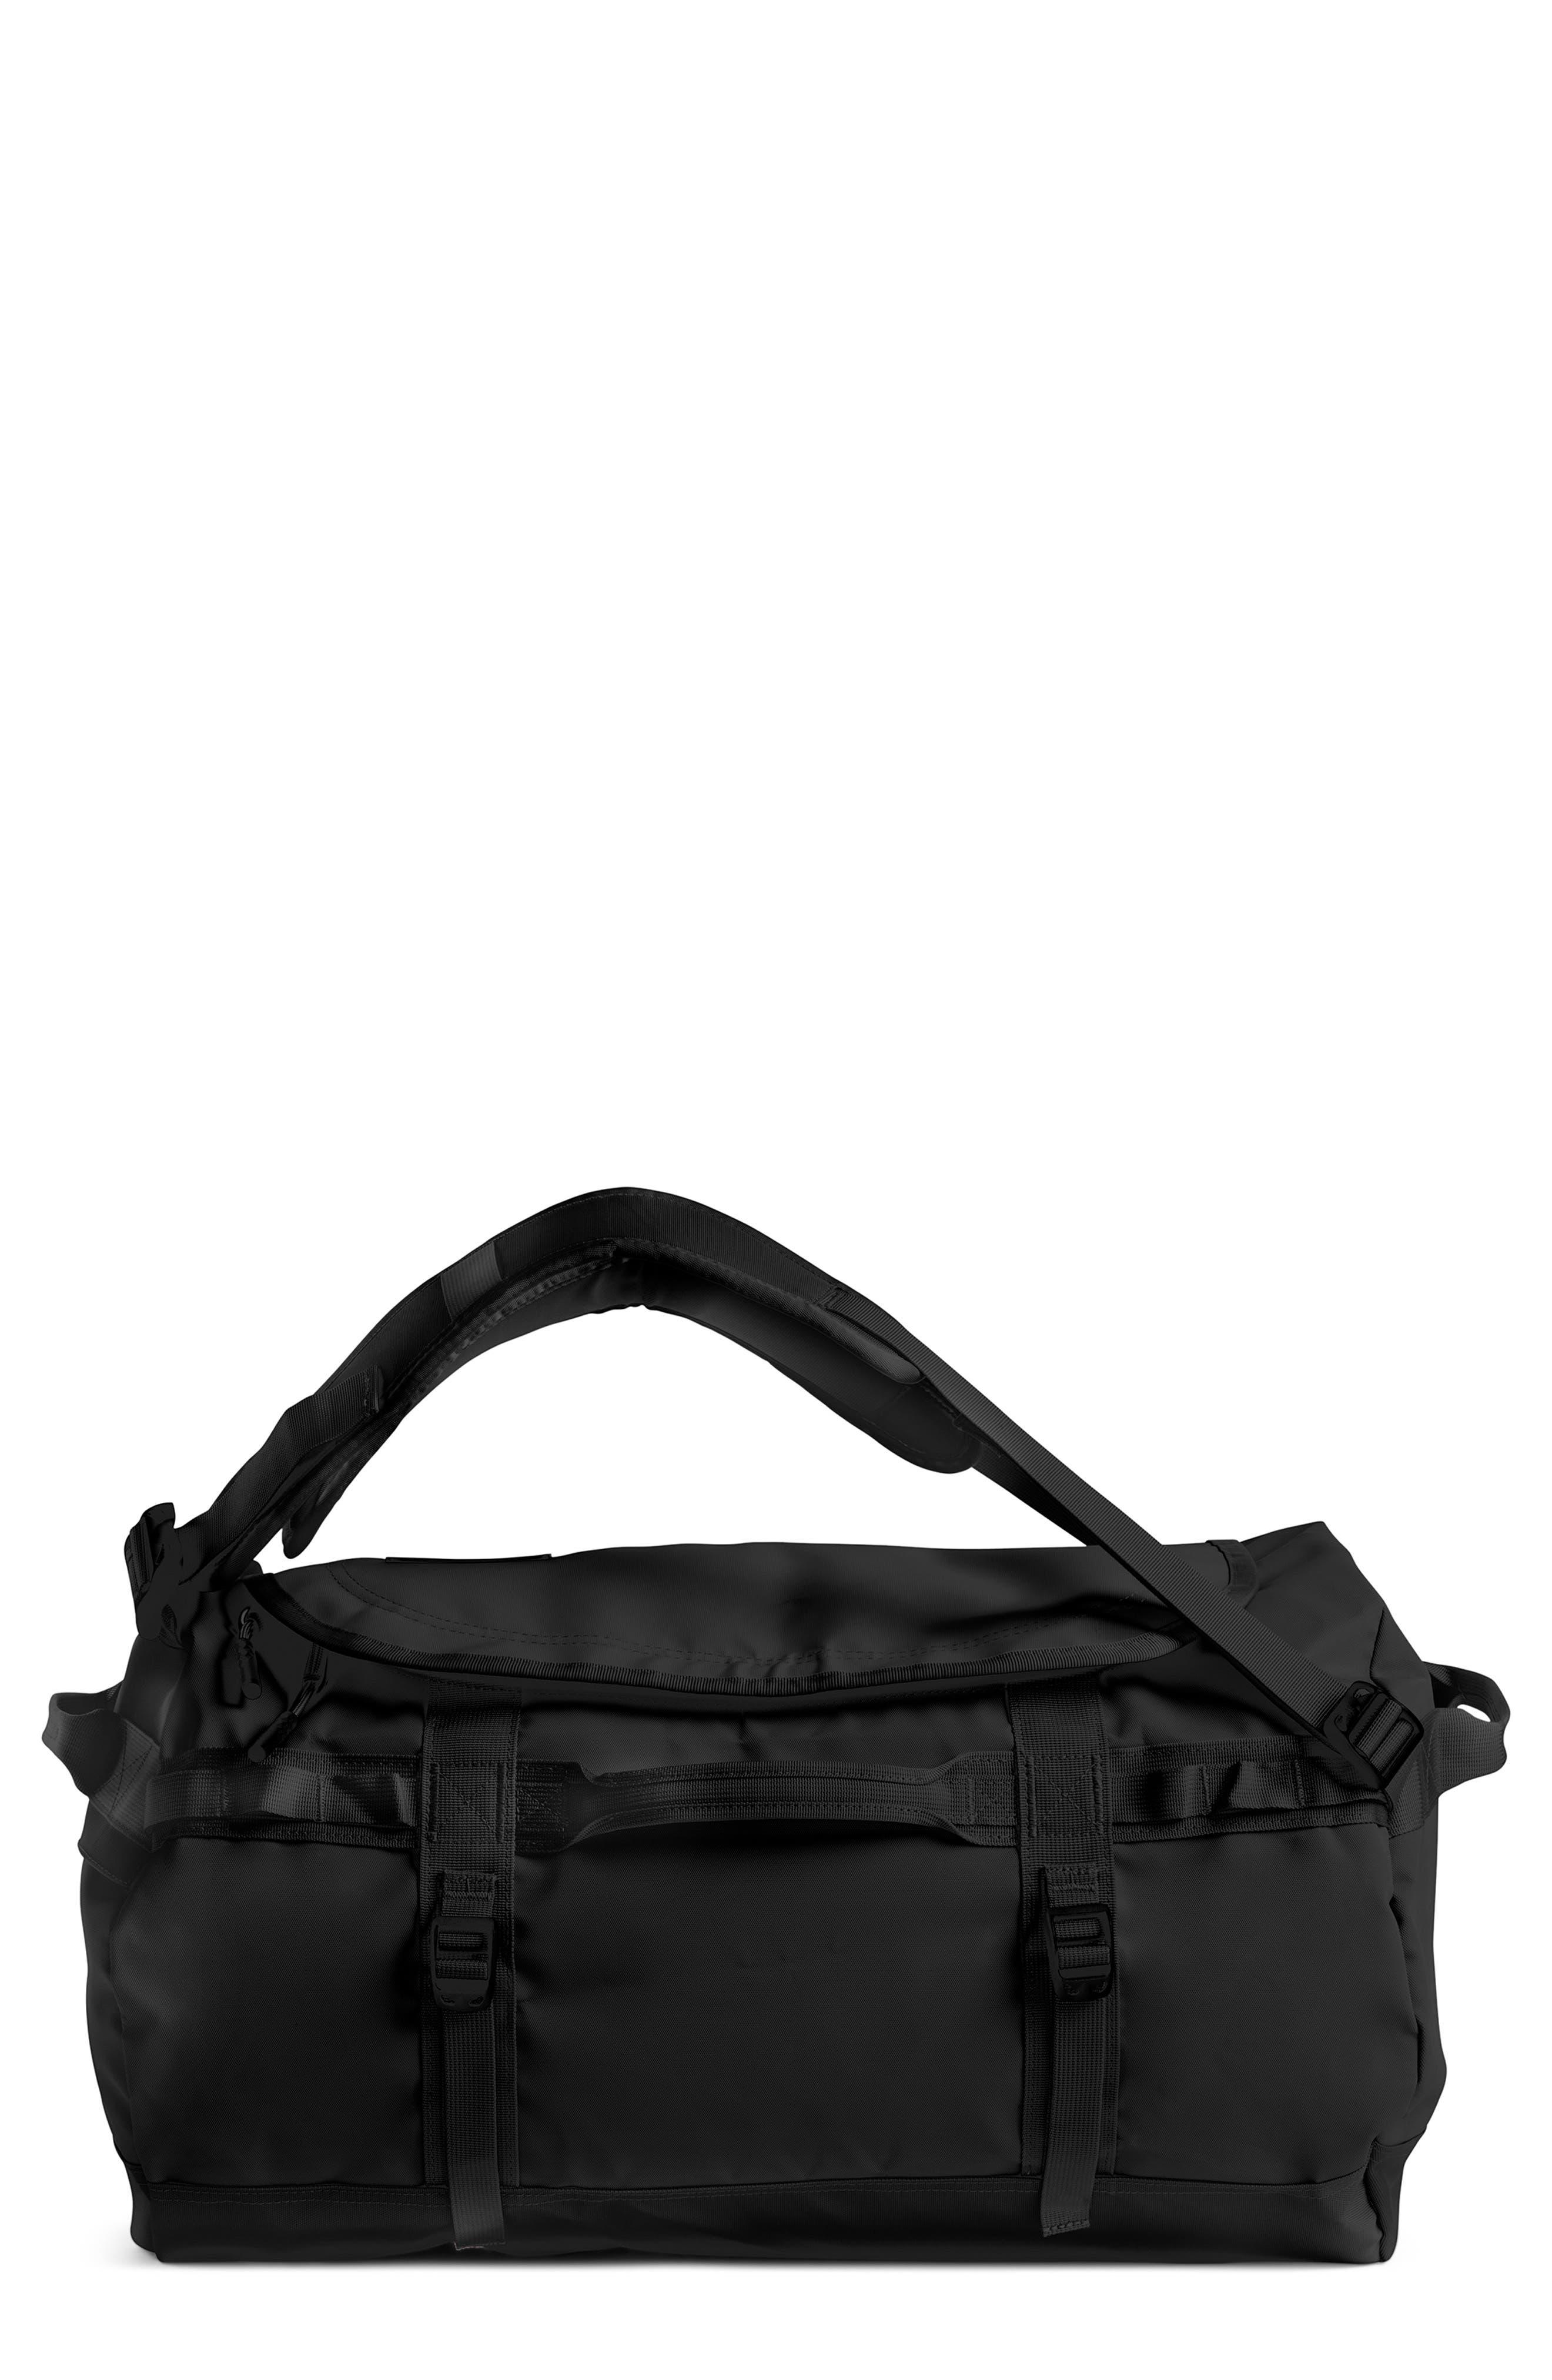 Base Camp Water Resistant Duffel Bag,                             Main thumbnail 1, color,                             TNF BLACK